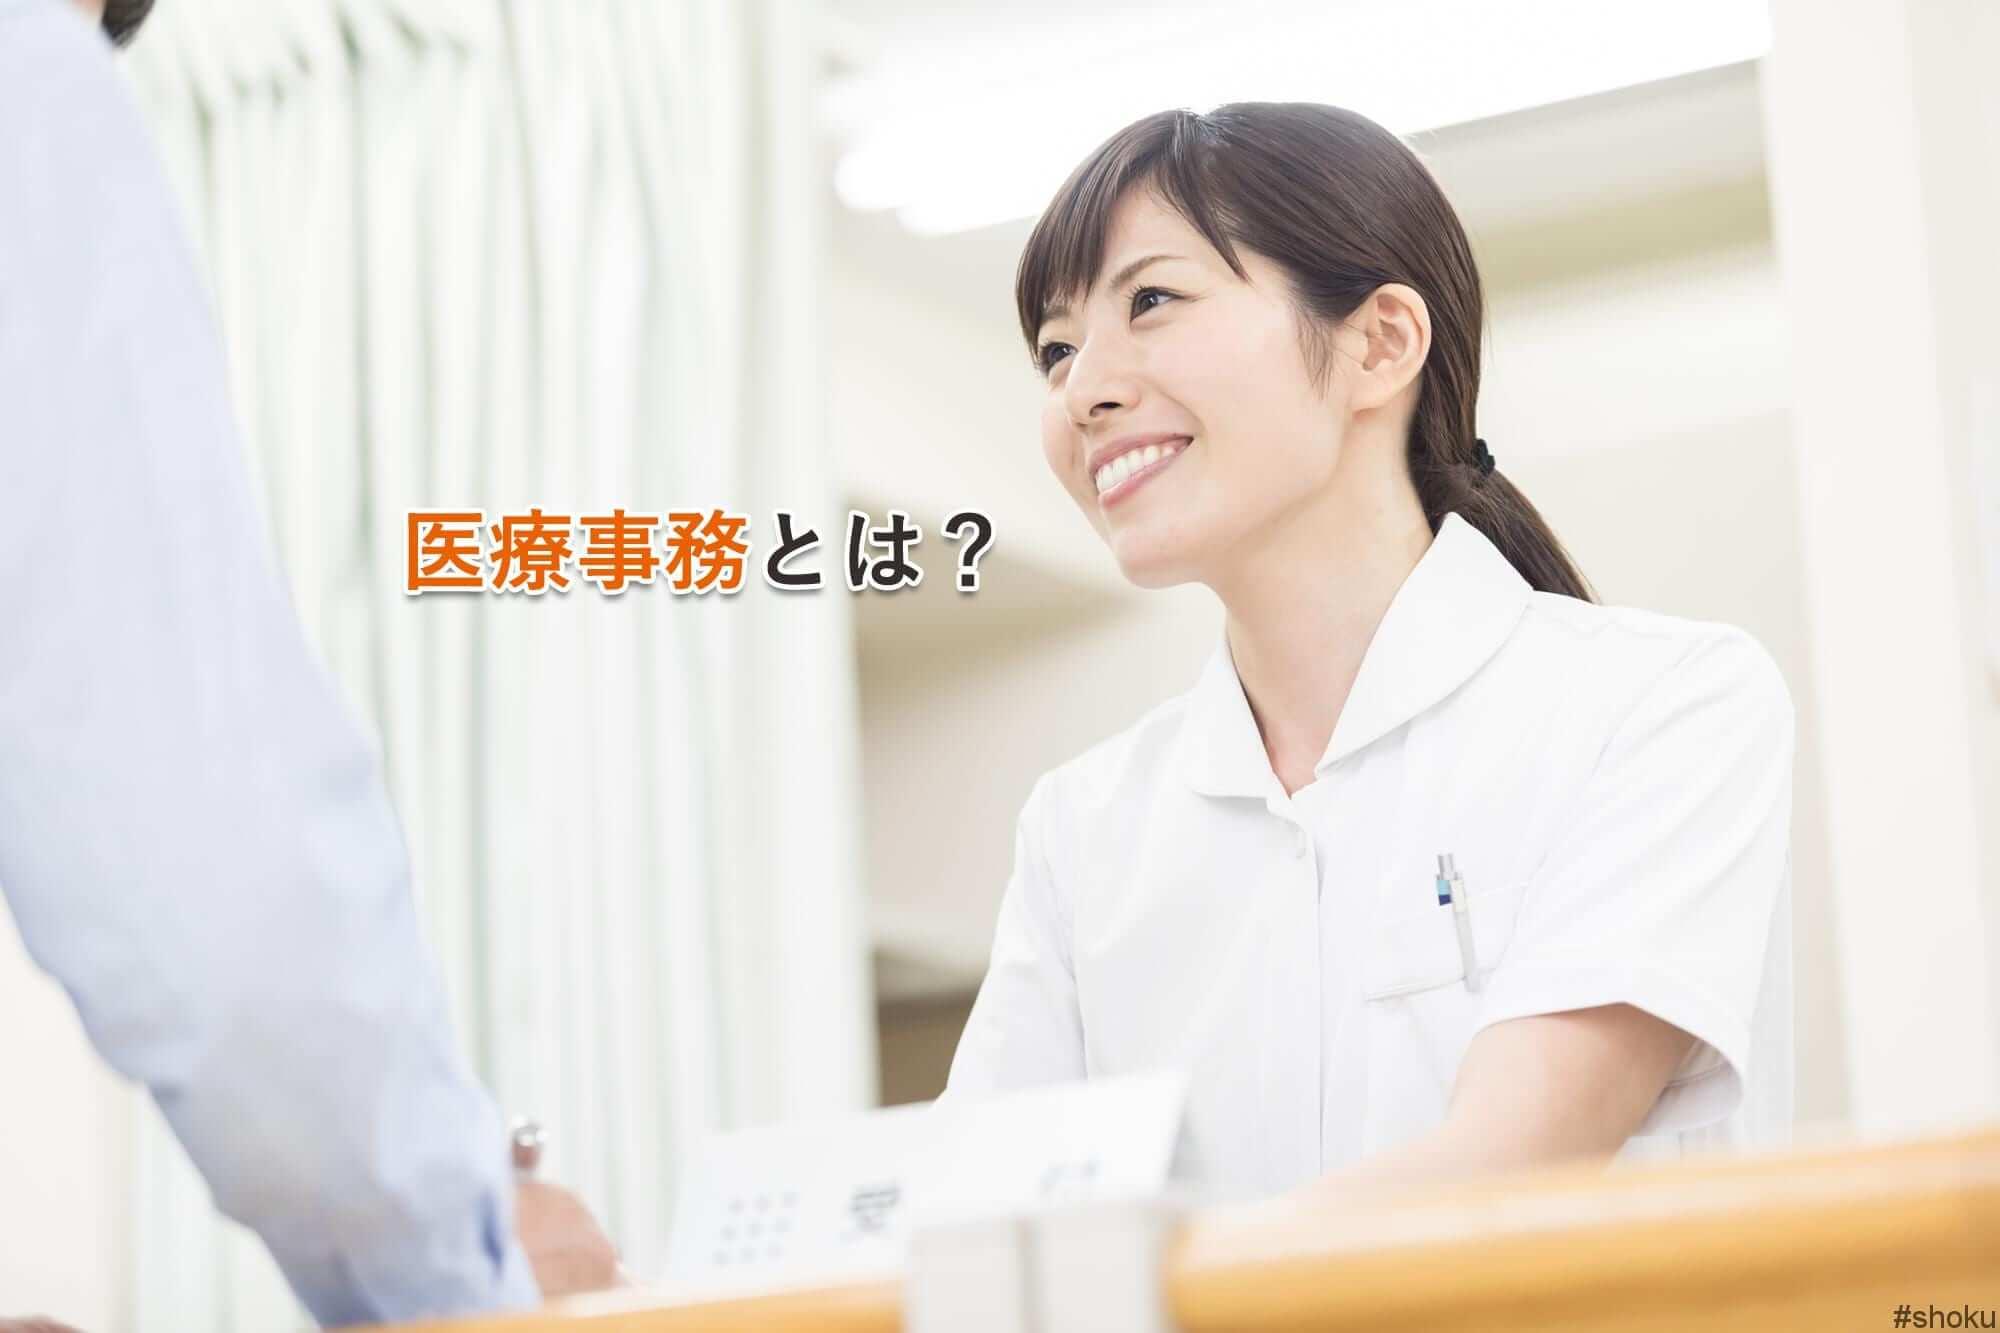 医療事務とは?